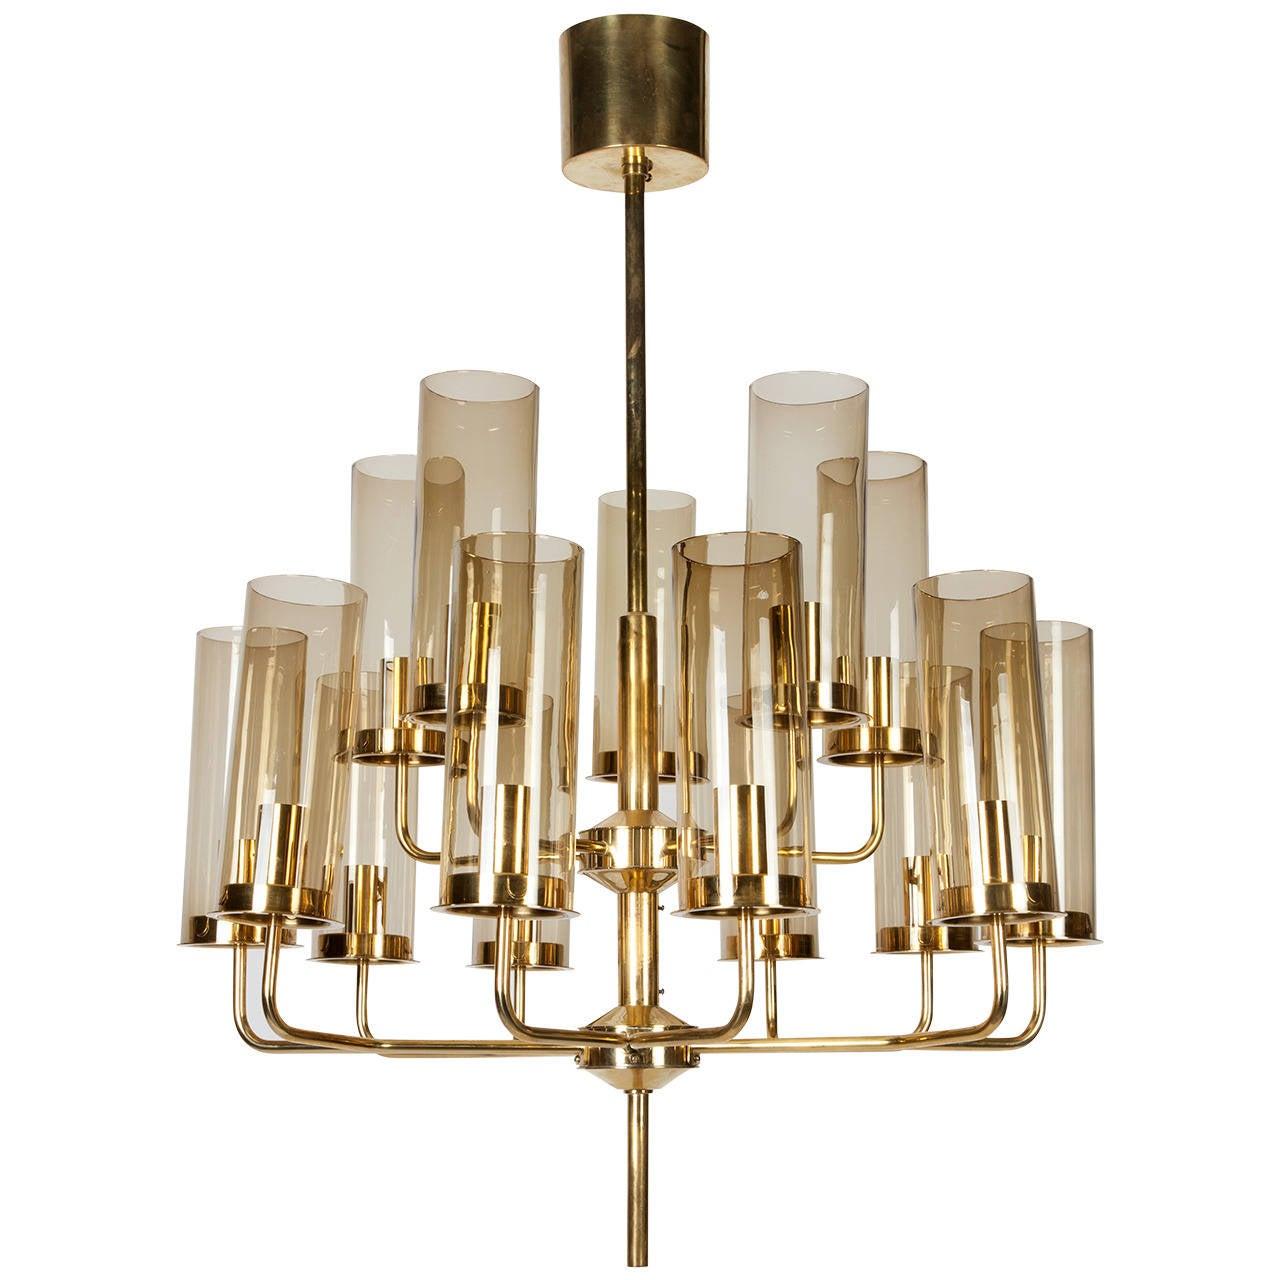 hans agne jakobsson chandelier at 1stdibs. Black Bedroom Furniture Sets. Home Design Ideas